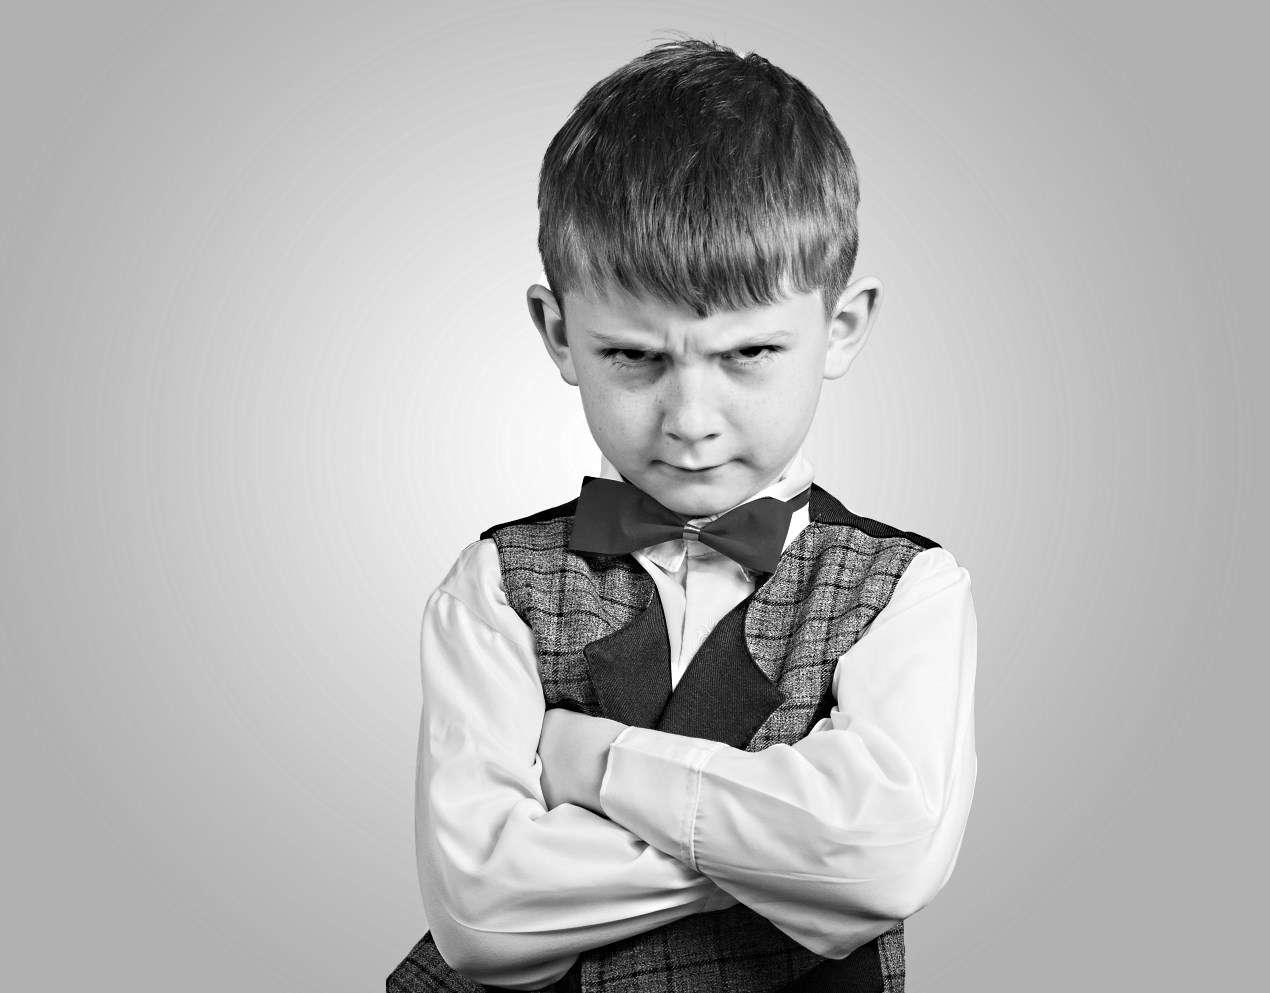 Детское упрямство и пути его преодоления